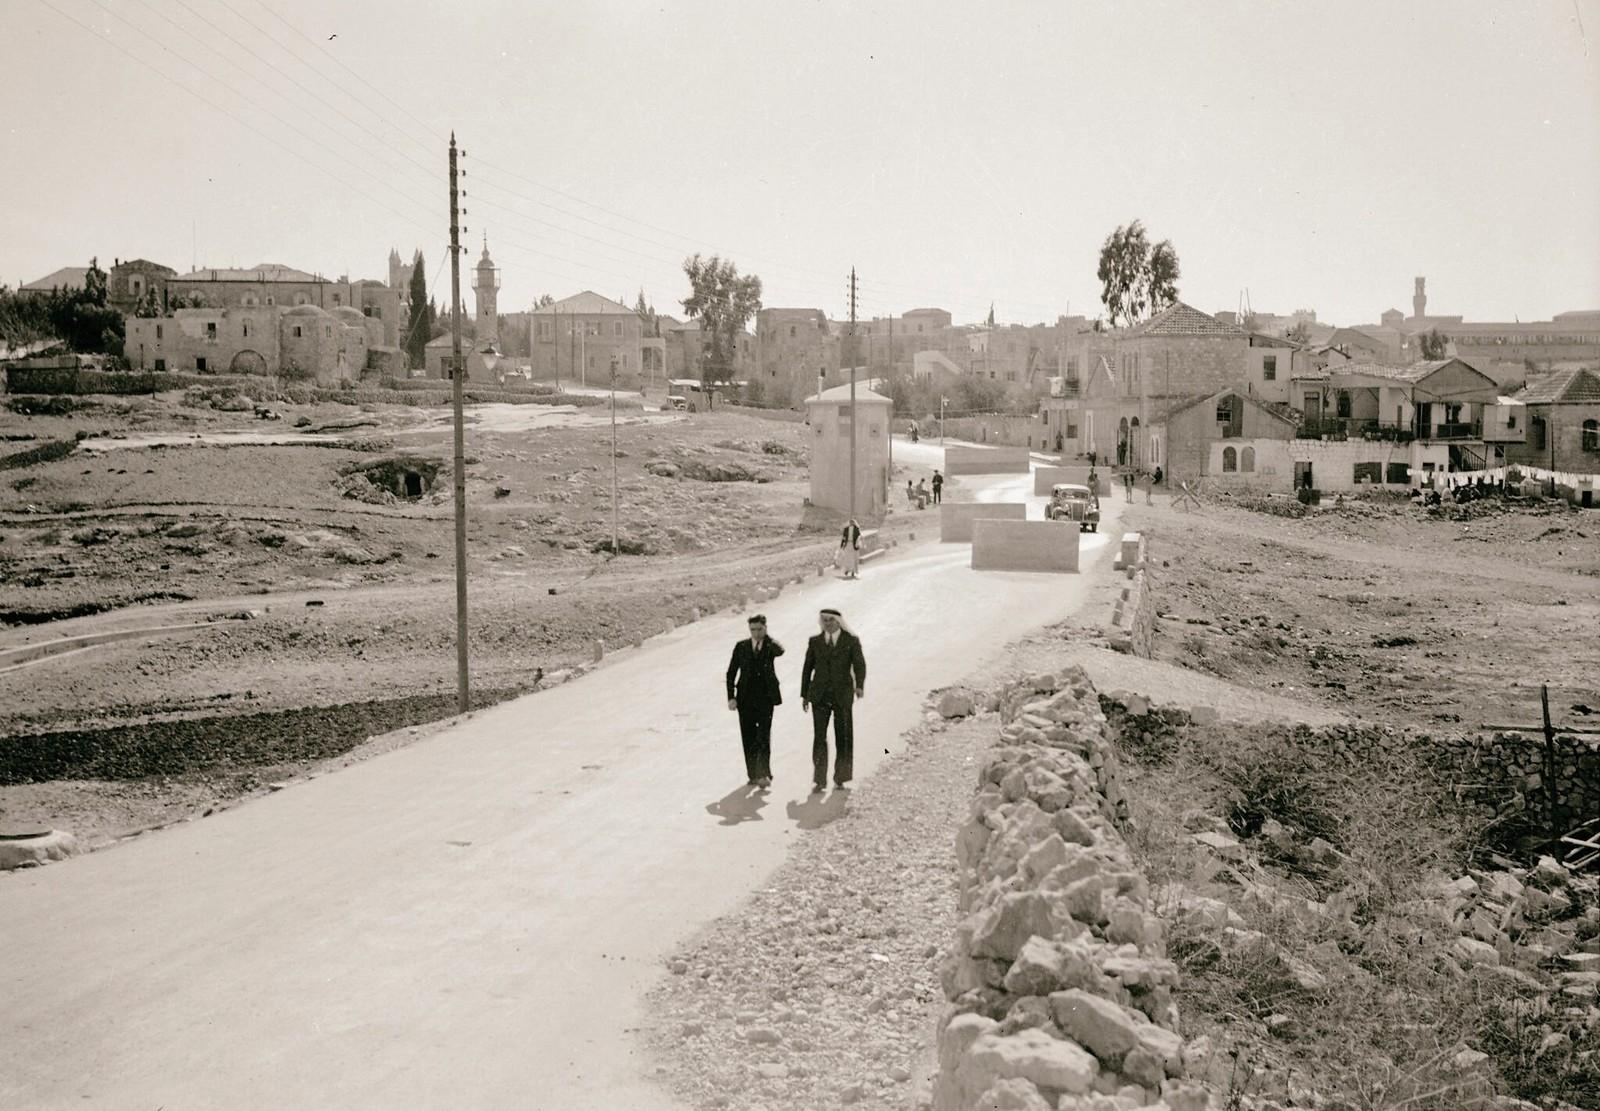 08. 1938. Шхем. Заграждения на шоссе, ведущем в Иерусалим с севера